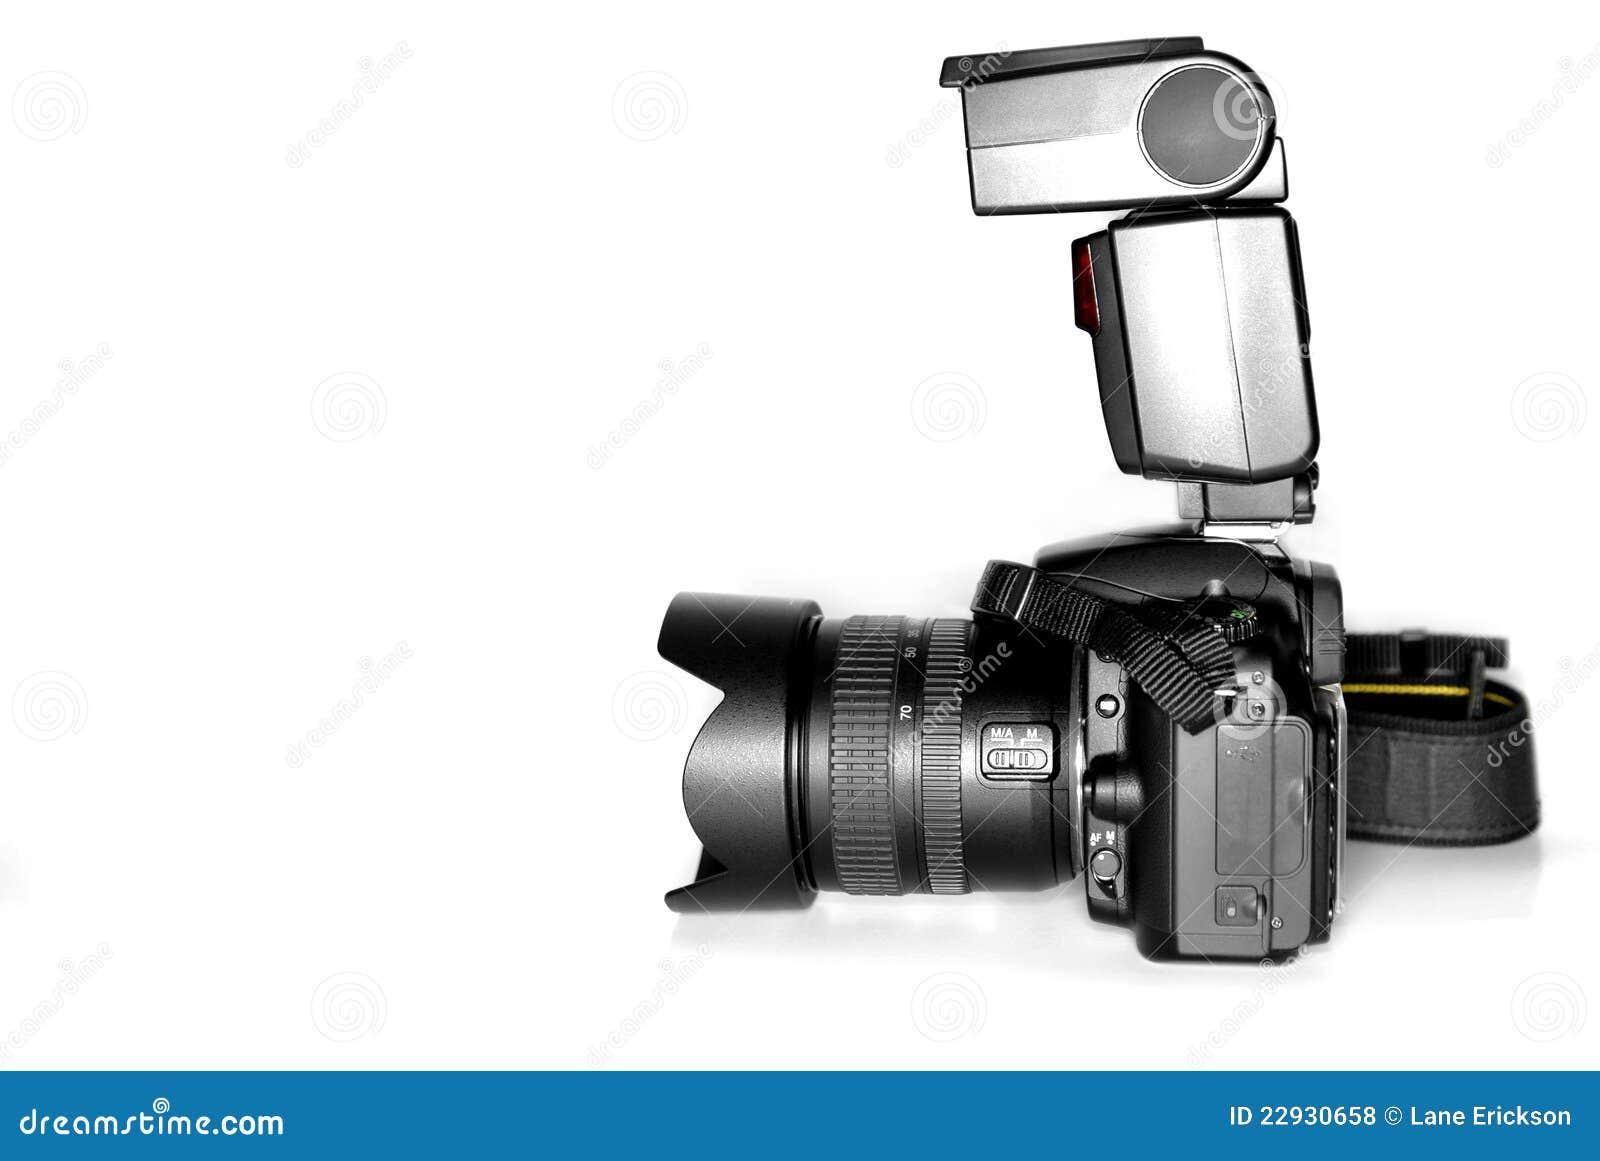 Digital SLR Camera with Flash